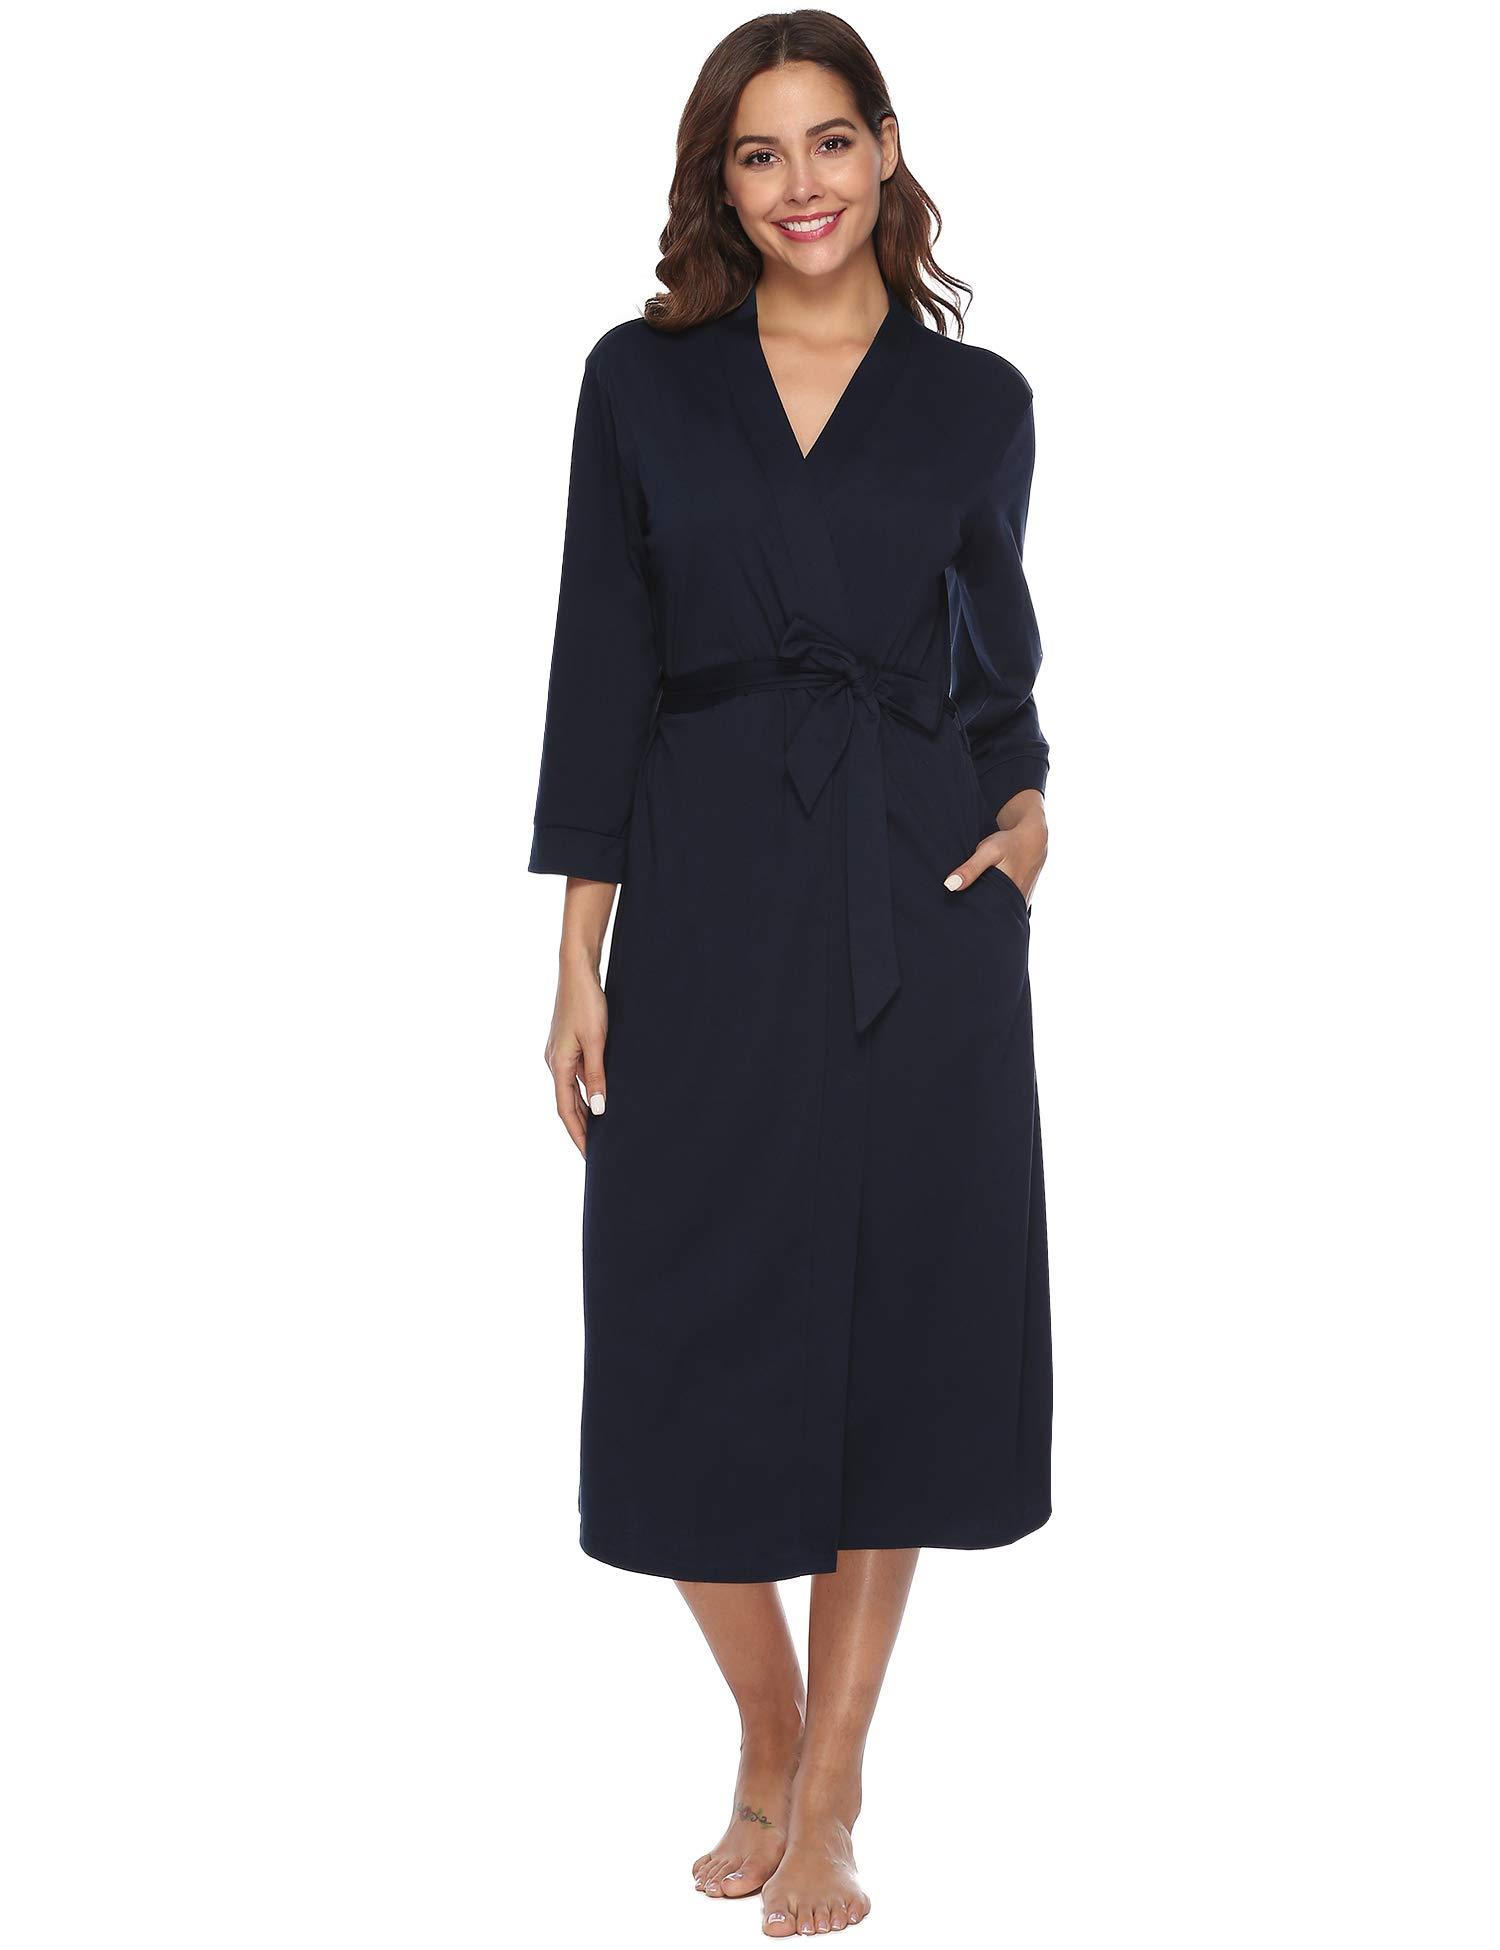 iClosam Batas Mujer Algodón Largo,Kimono con Cinturón Primavera,Ropa de Dormir Cuello en V Suave y Comodo S-XXL product image